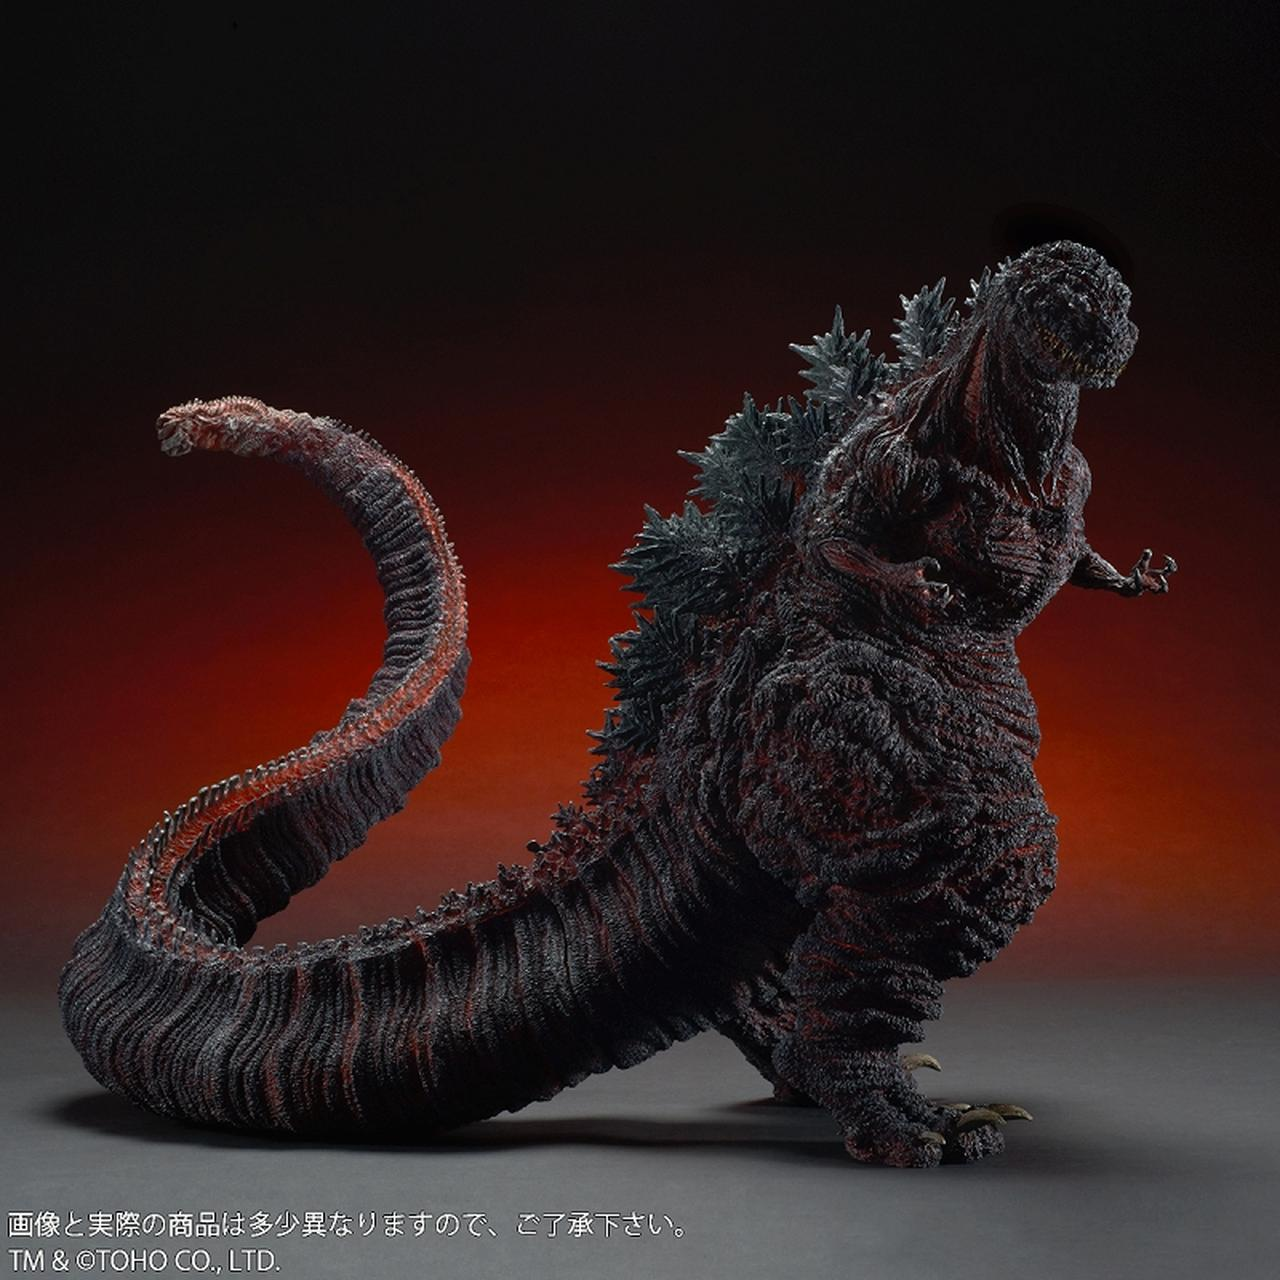 画像3: 全高約47センチ、全長約83センチ! 迫力のある「シン・ゴジラ」が 登場!